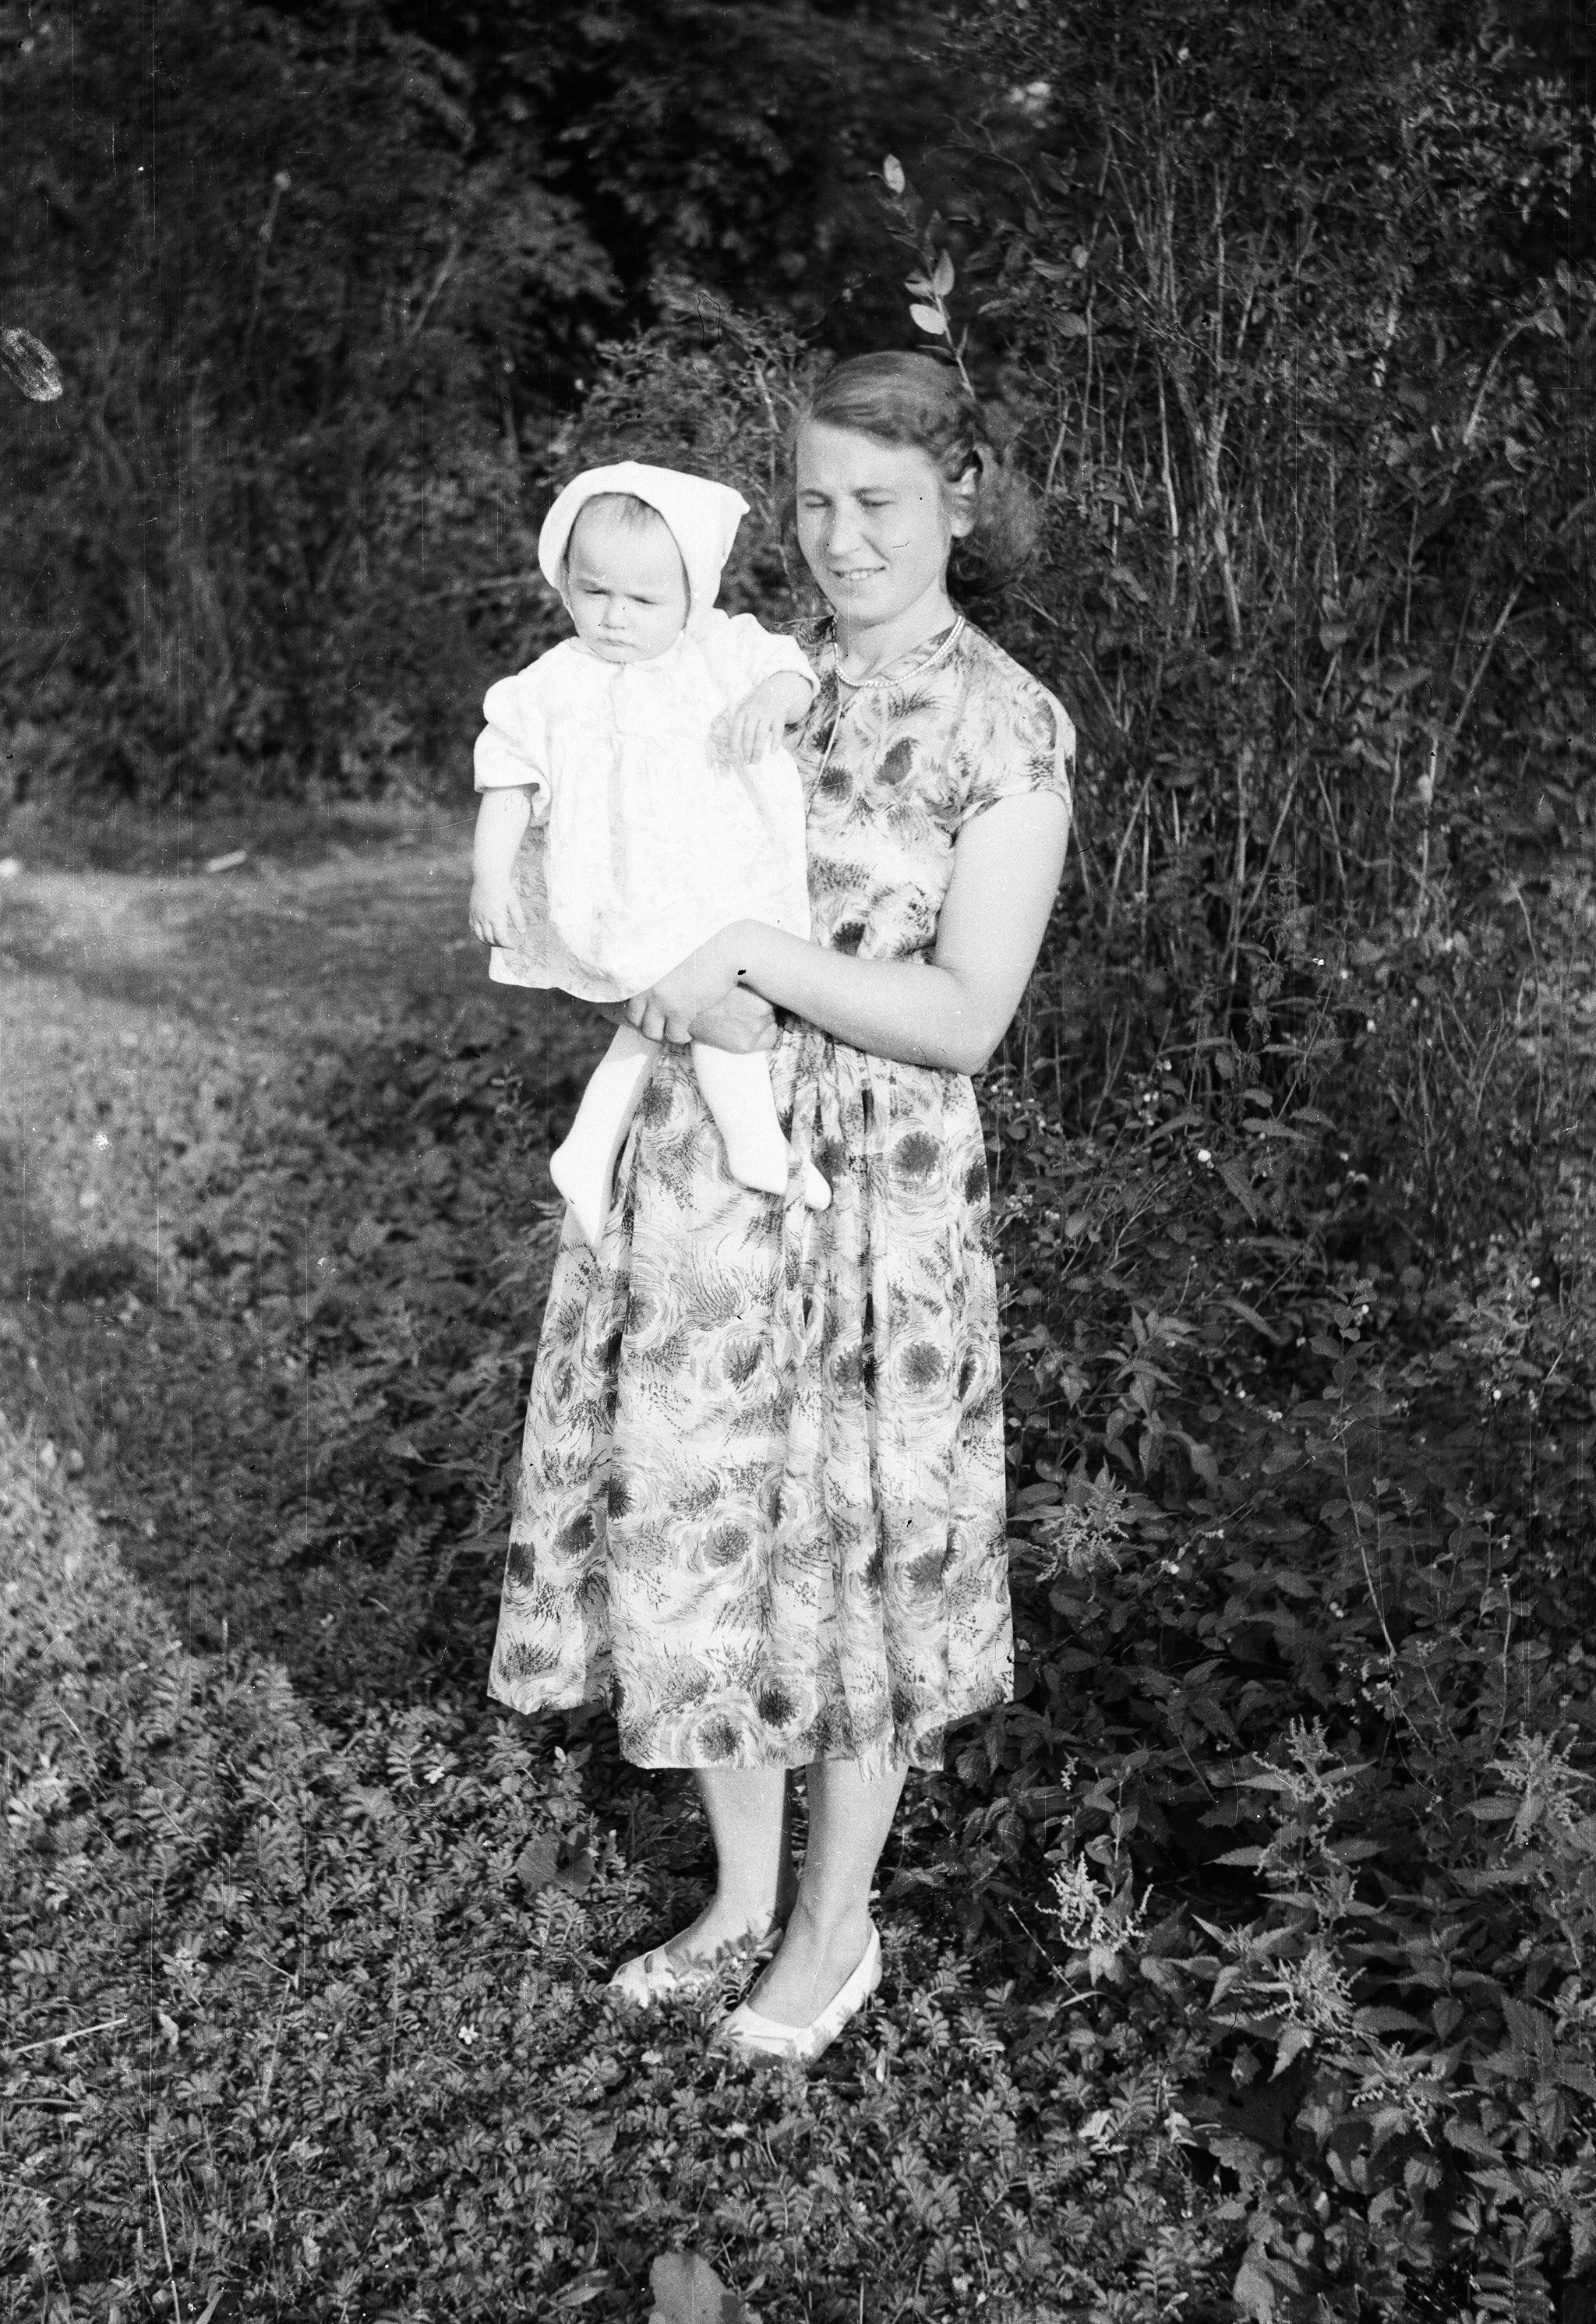 Pani Punda z dzieckiem, Węglewo, Dolny Śląsk, lata 50. XX w.